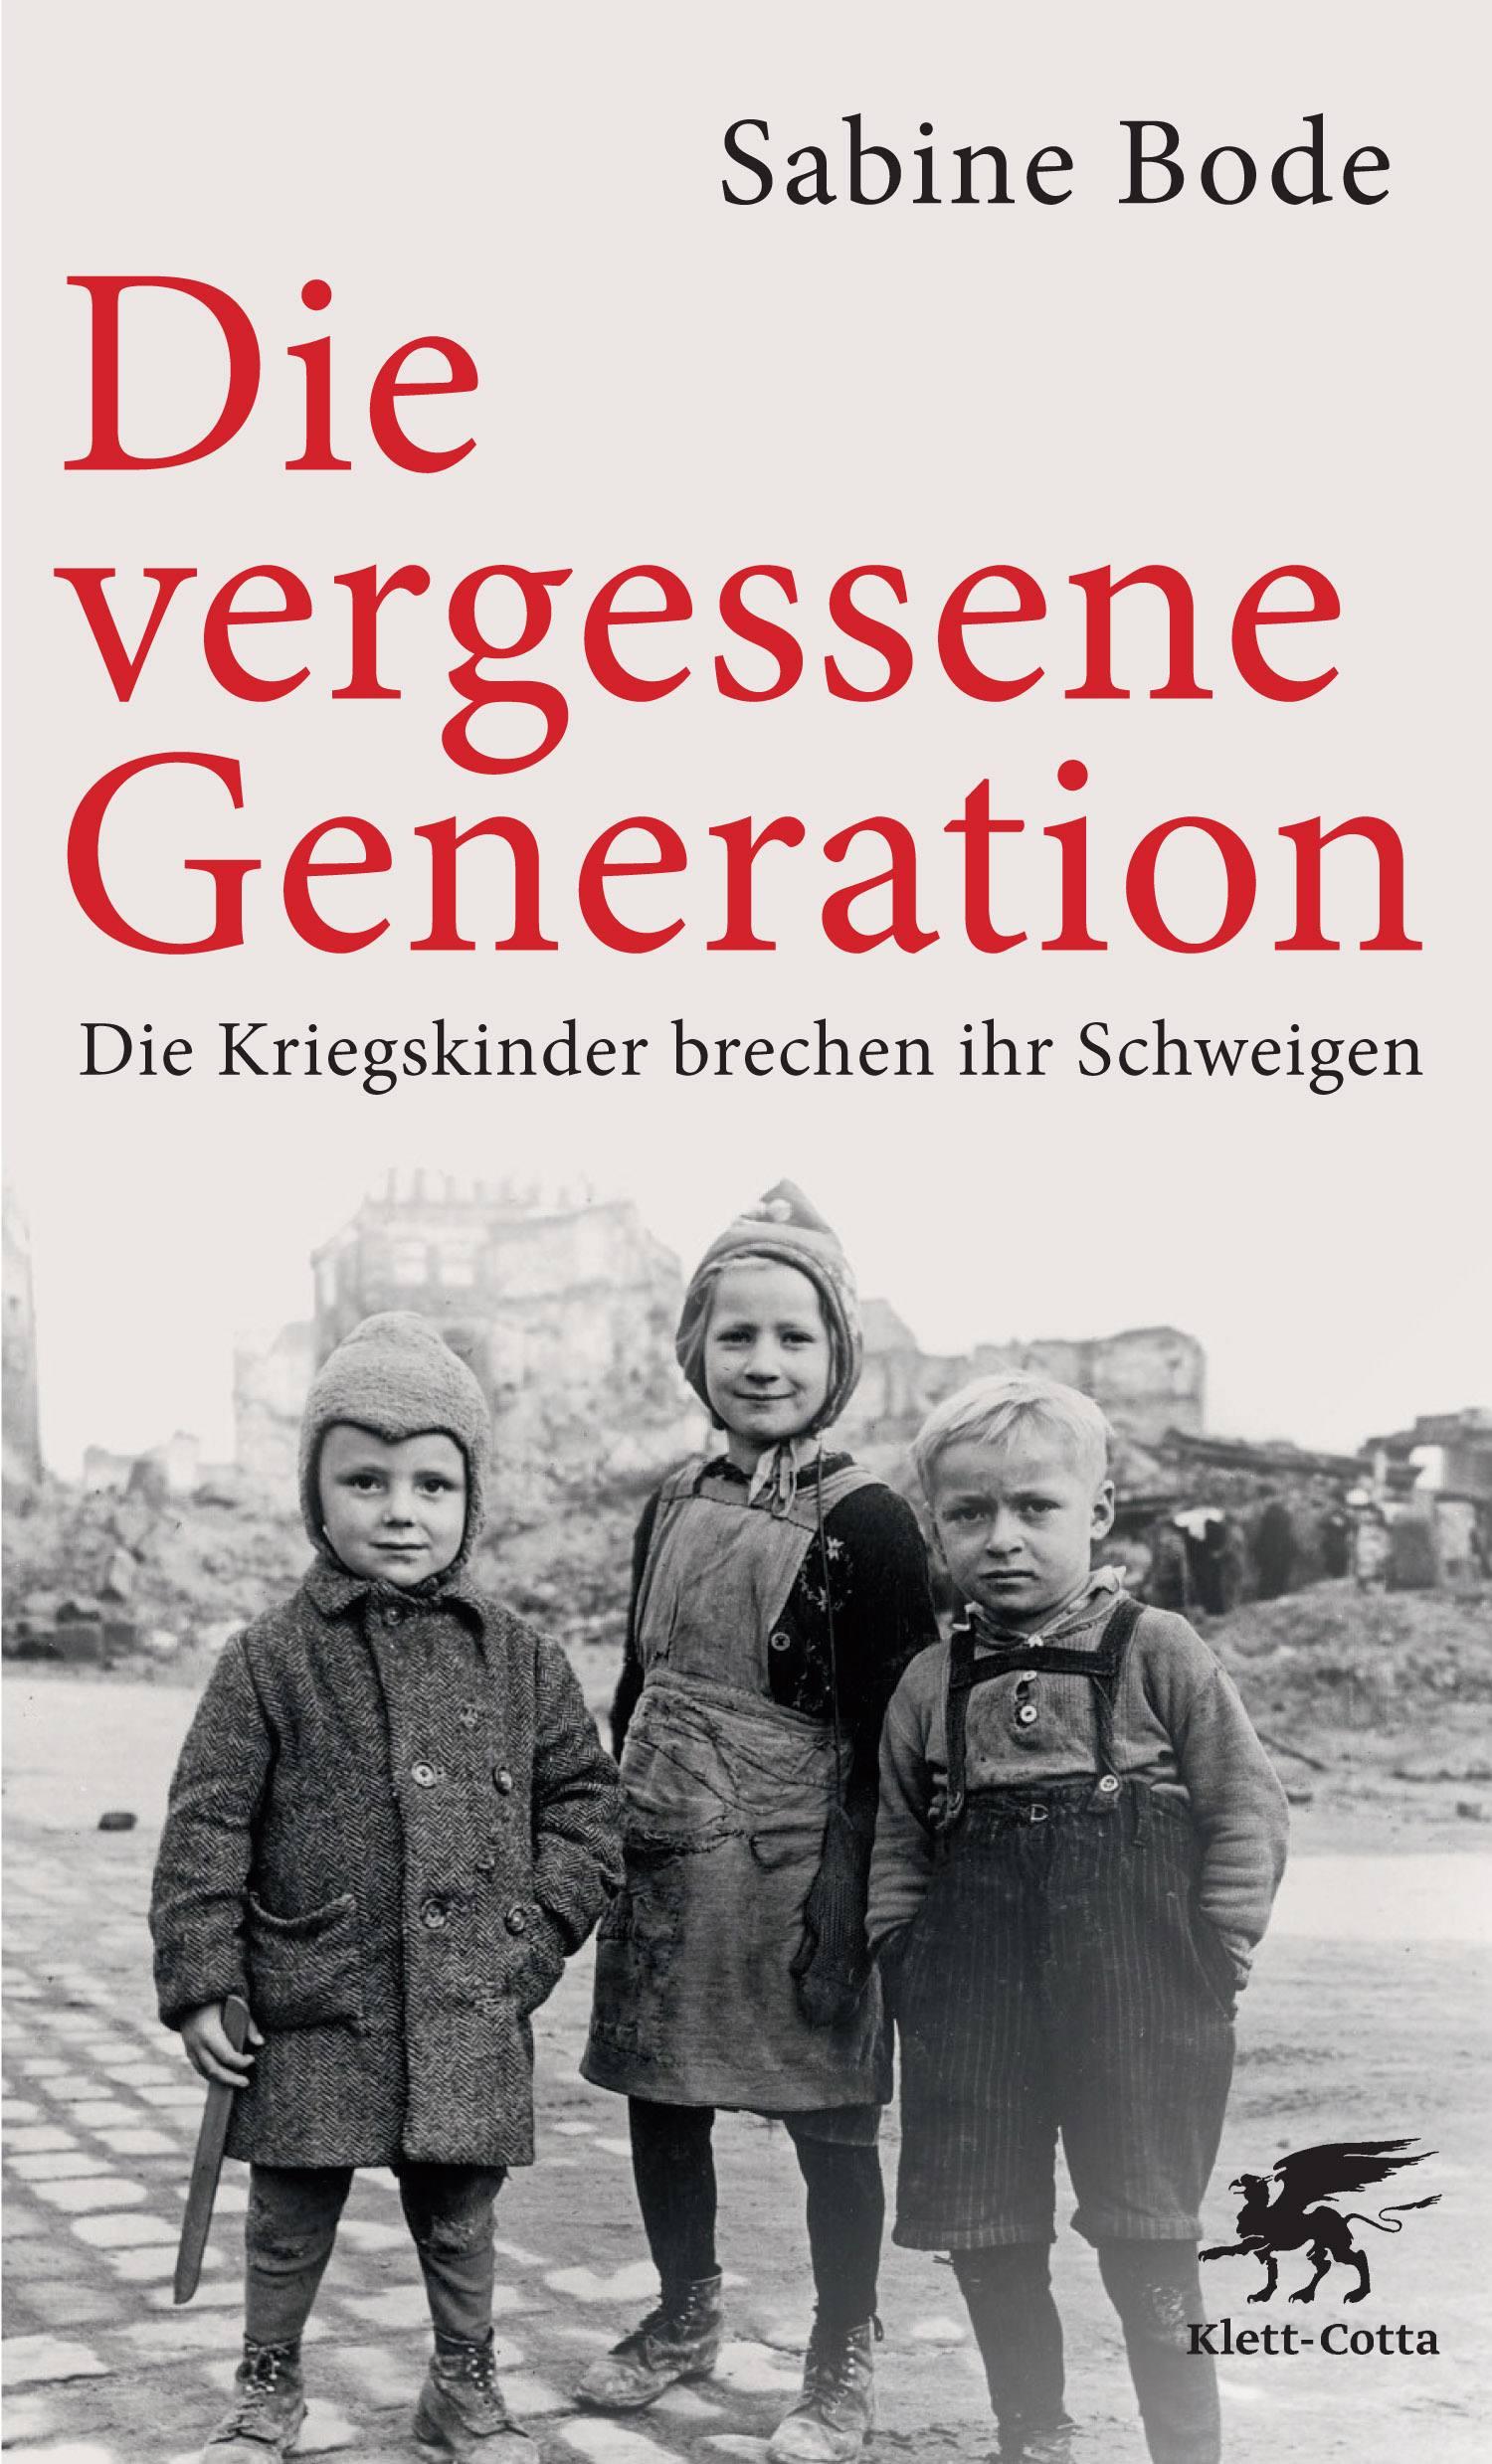 Die vergessene Generation: Die Kriegskinder brechen ihr Schweigen - Sabine Bode [Broschiert]